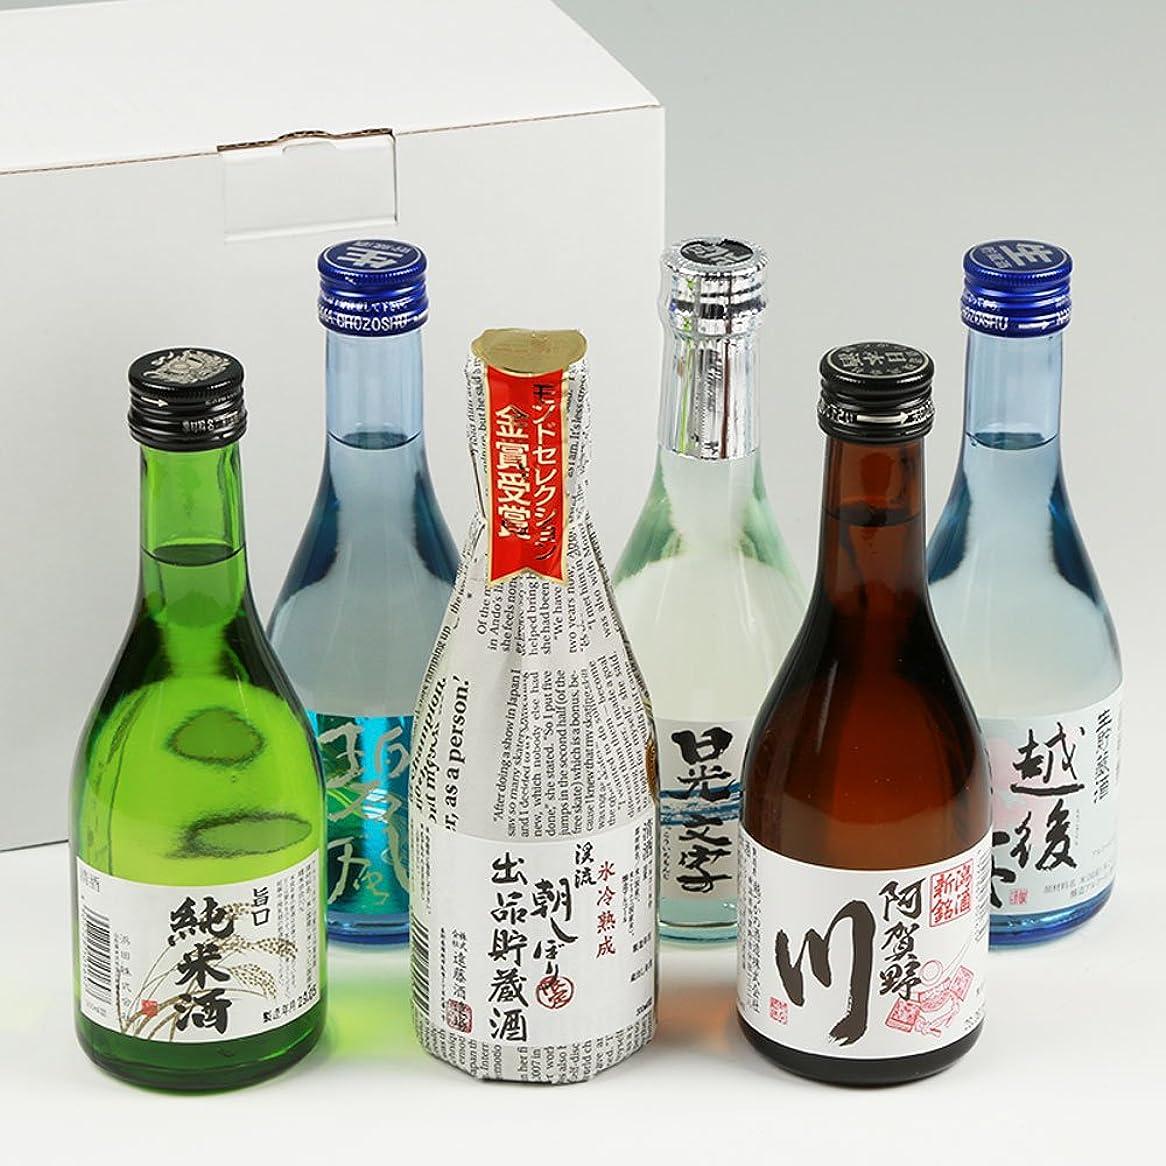 降臨のりテーブルお中元 お酒 日本酒 飲み比べ セット 飲みきりサイズ 300ml×6本